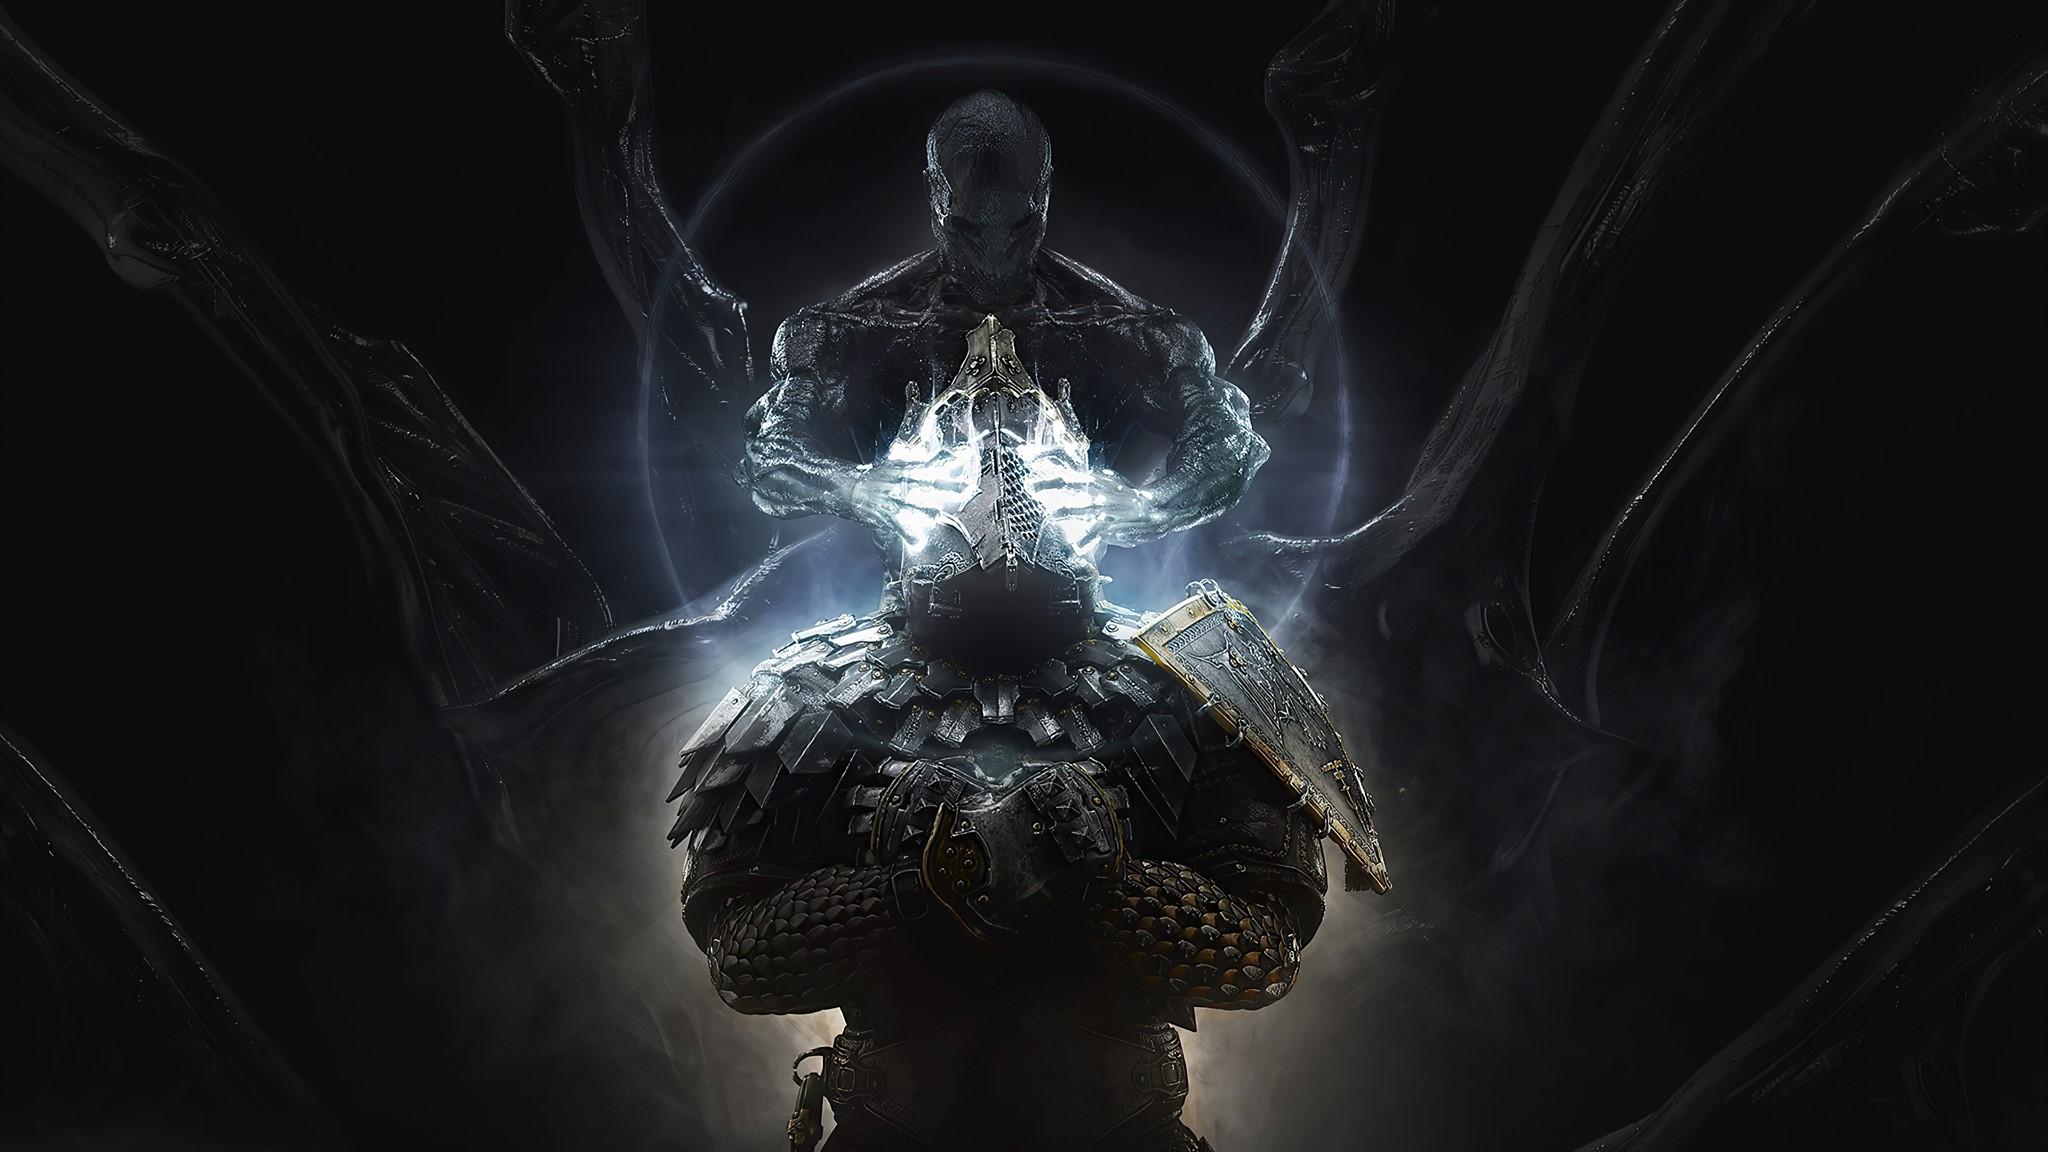 Game khủng tháng 3 này - Mortal Shell: Enhanced Edition